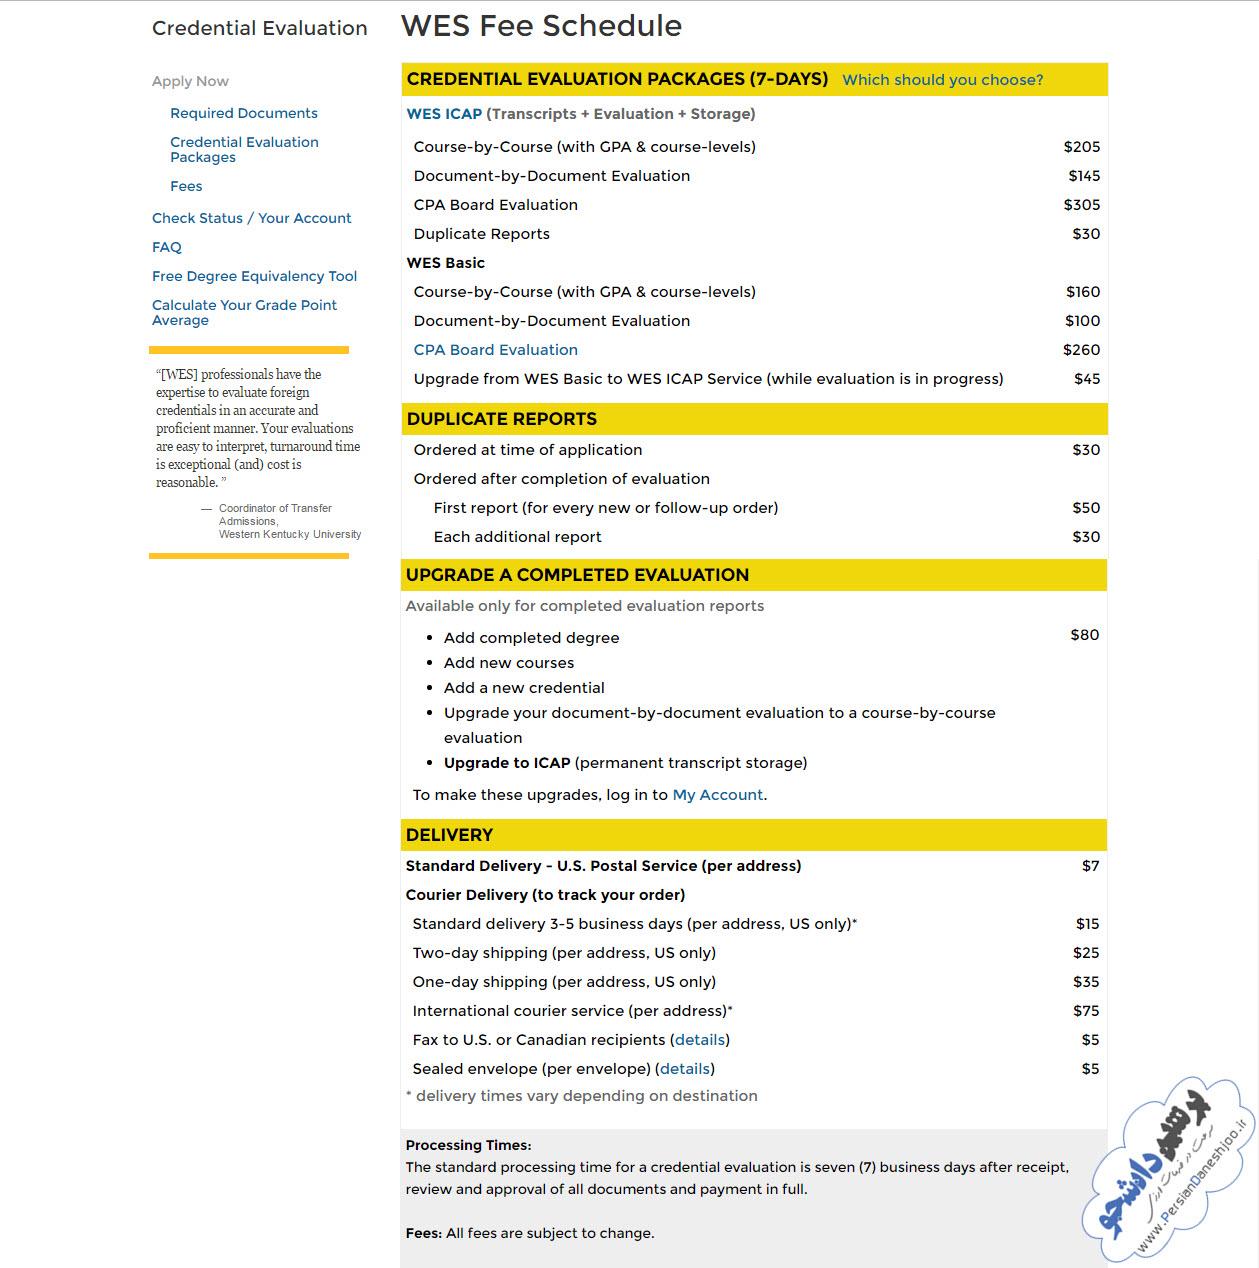 ارزیابی مدارک WES